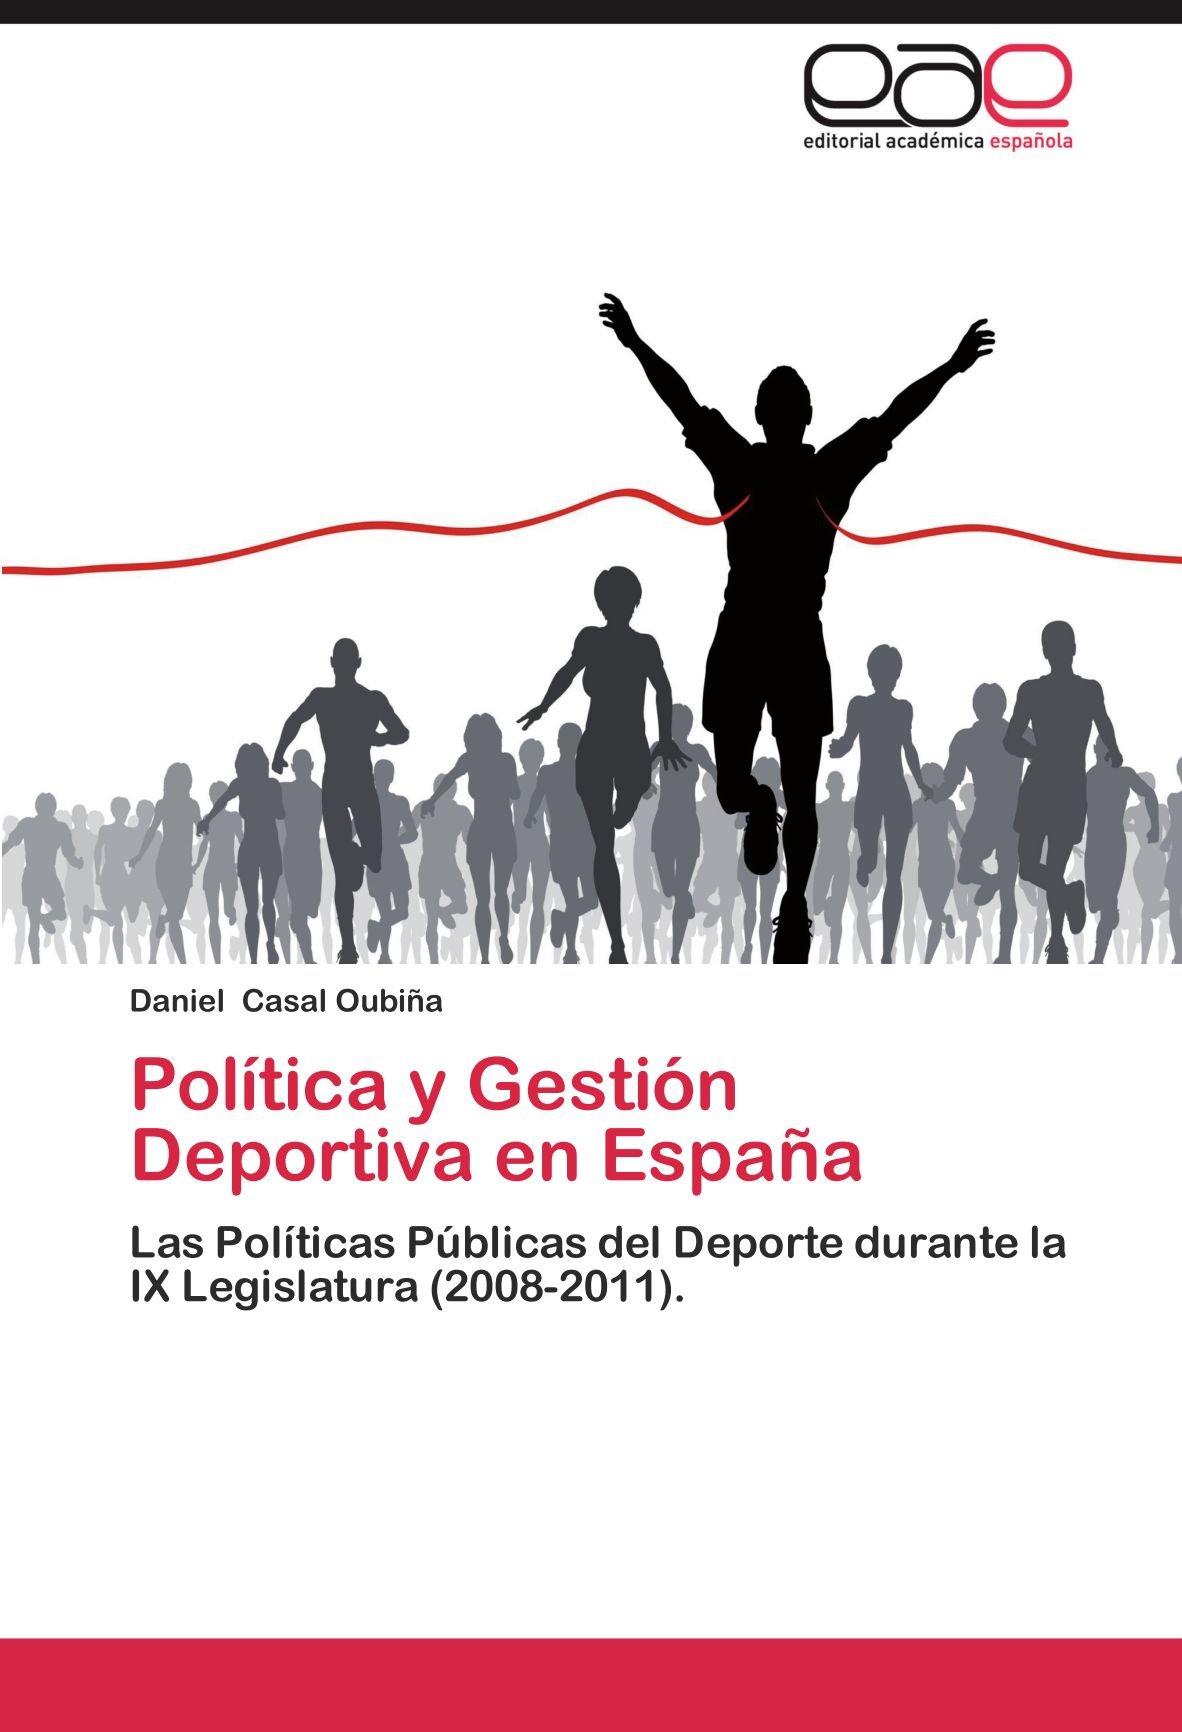 Politica y Gestion Deportiva En Espana: Amazon.es: Casal Oubi a., Daniel: Libros